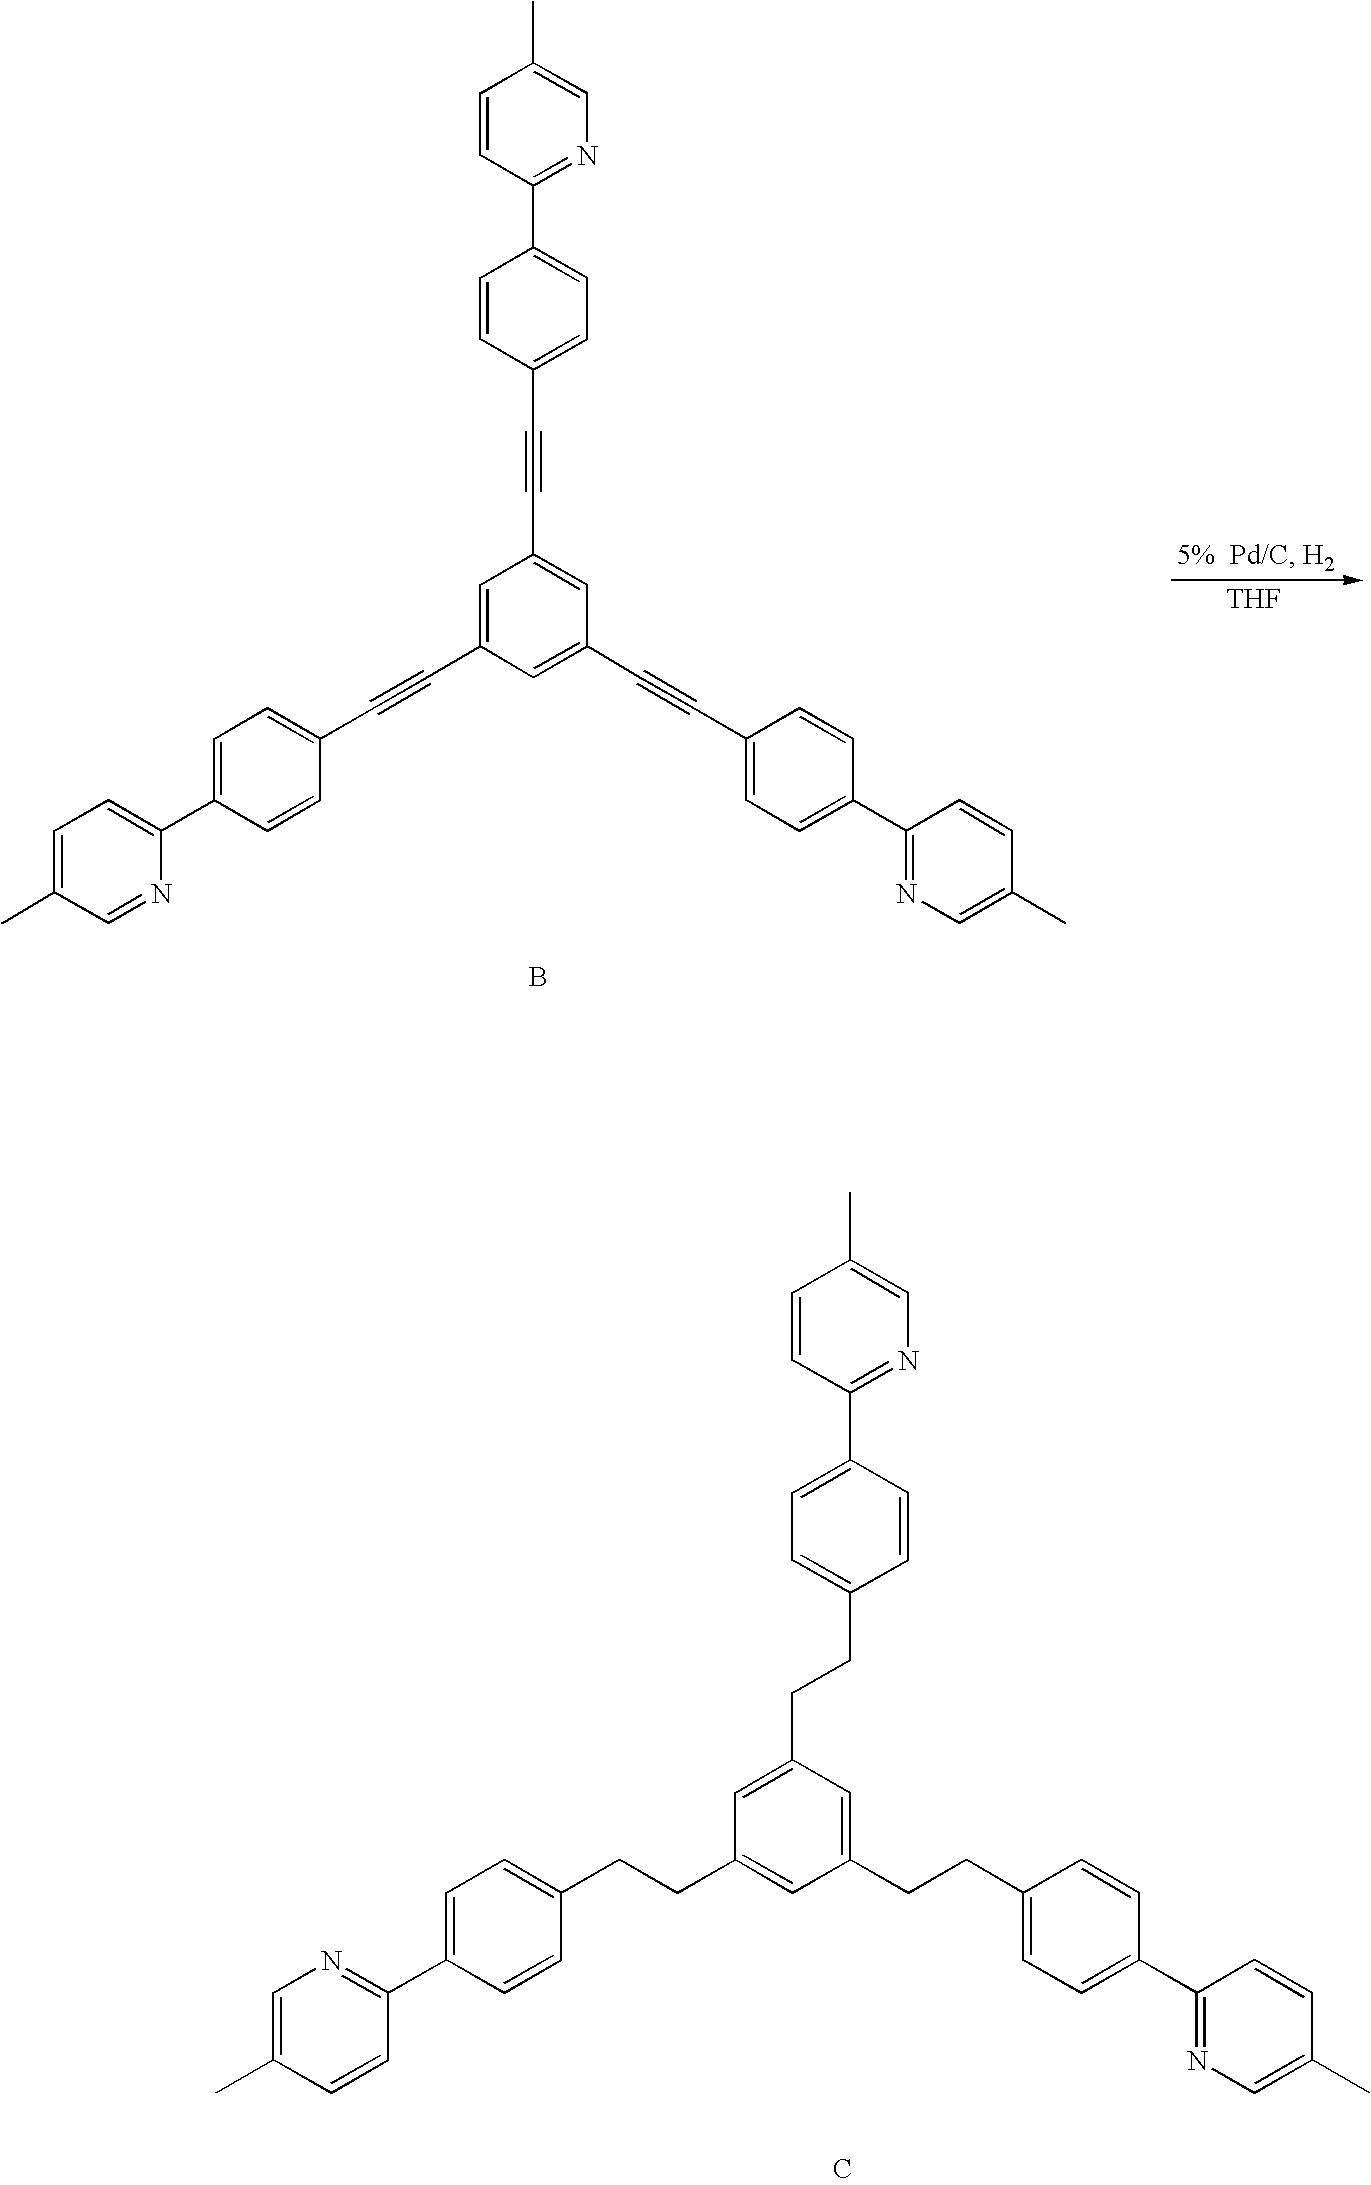 Figure US20070003789A1-20070104-C00089